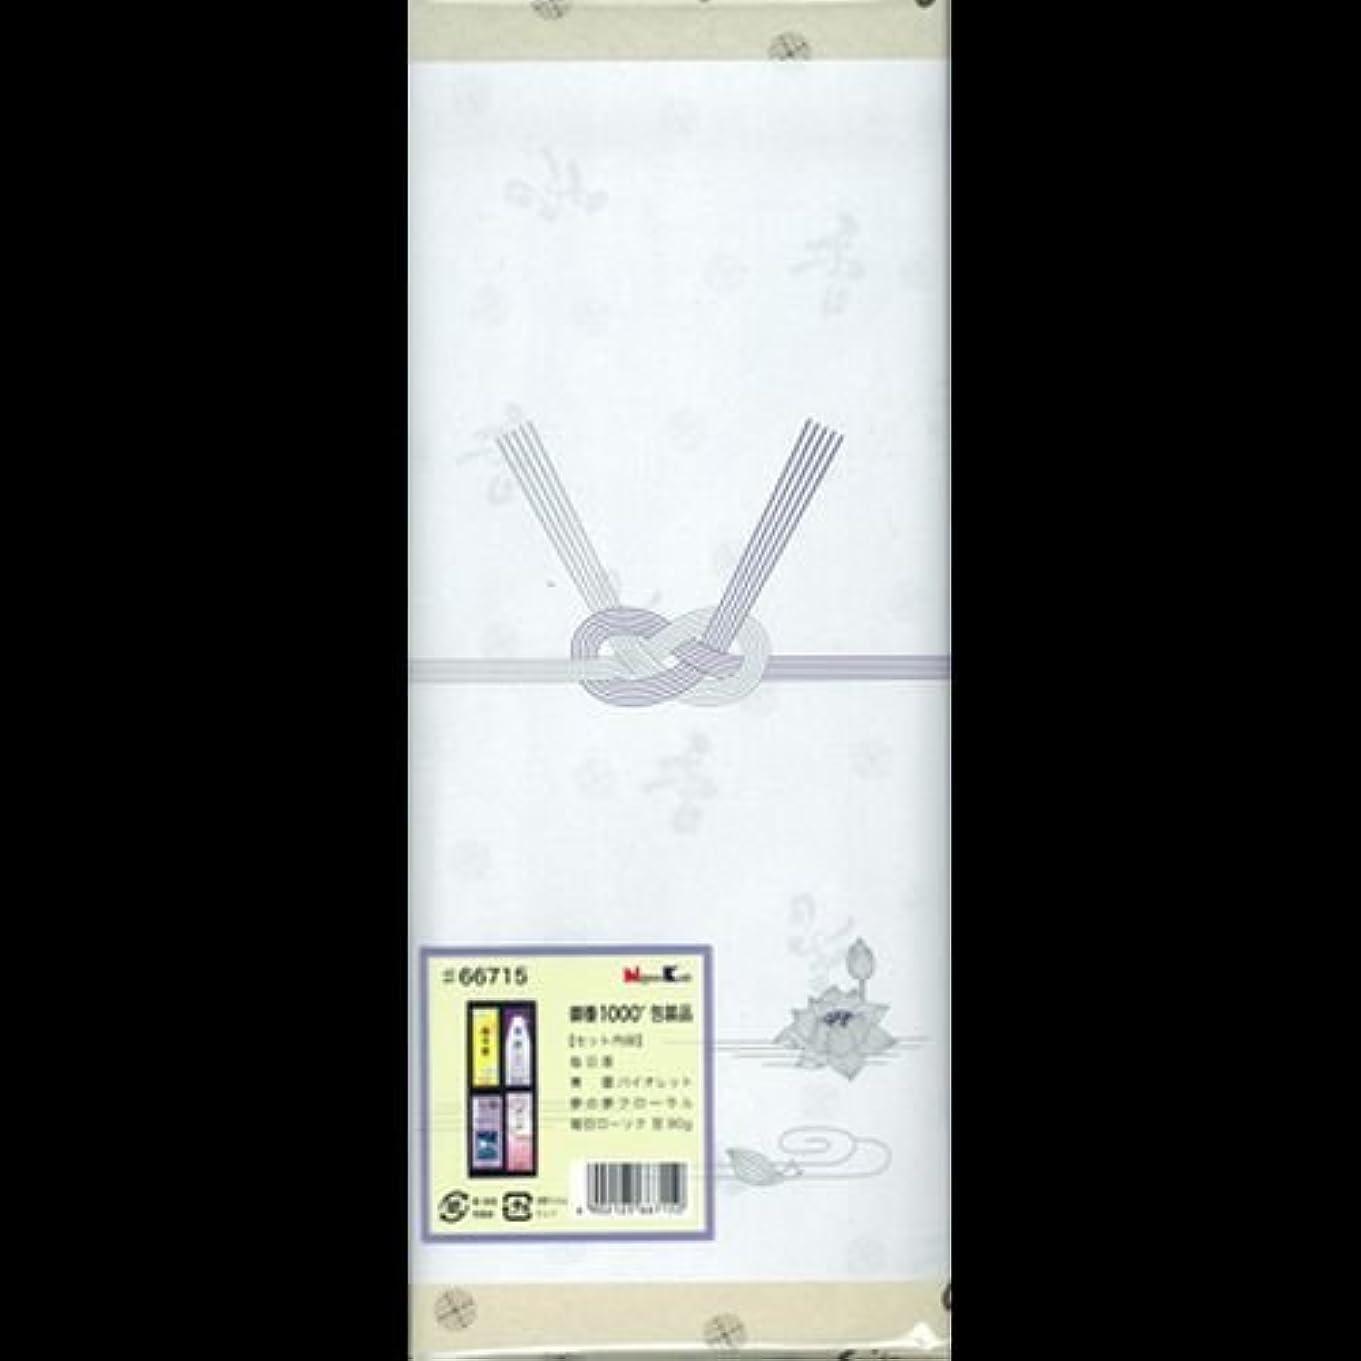 【まとめ買い】御香セット1000 包装品 66715 ×2セット